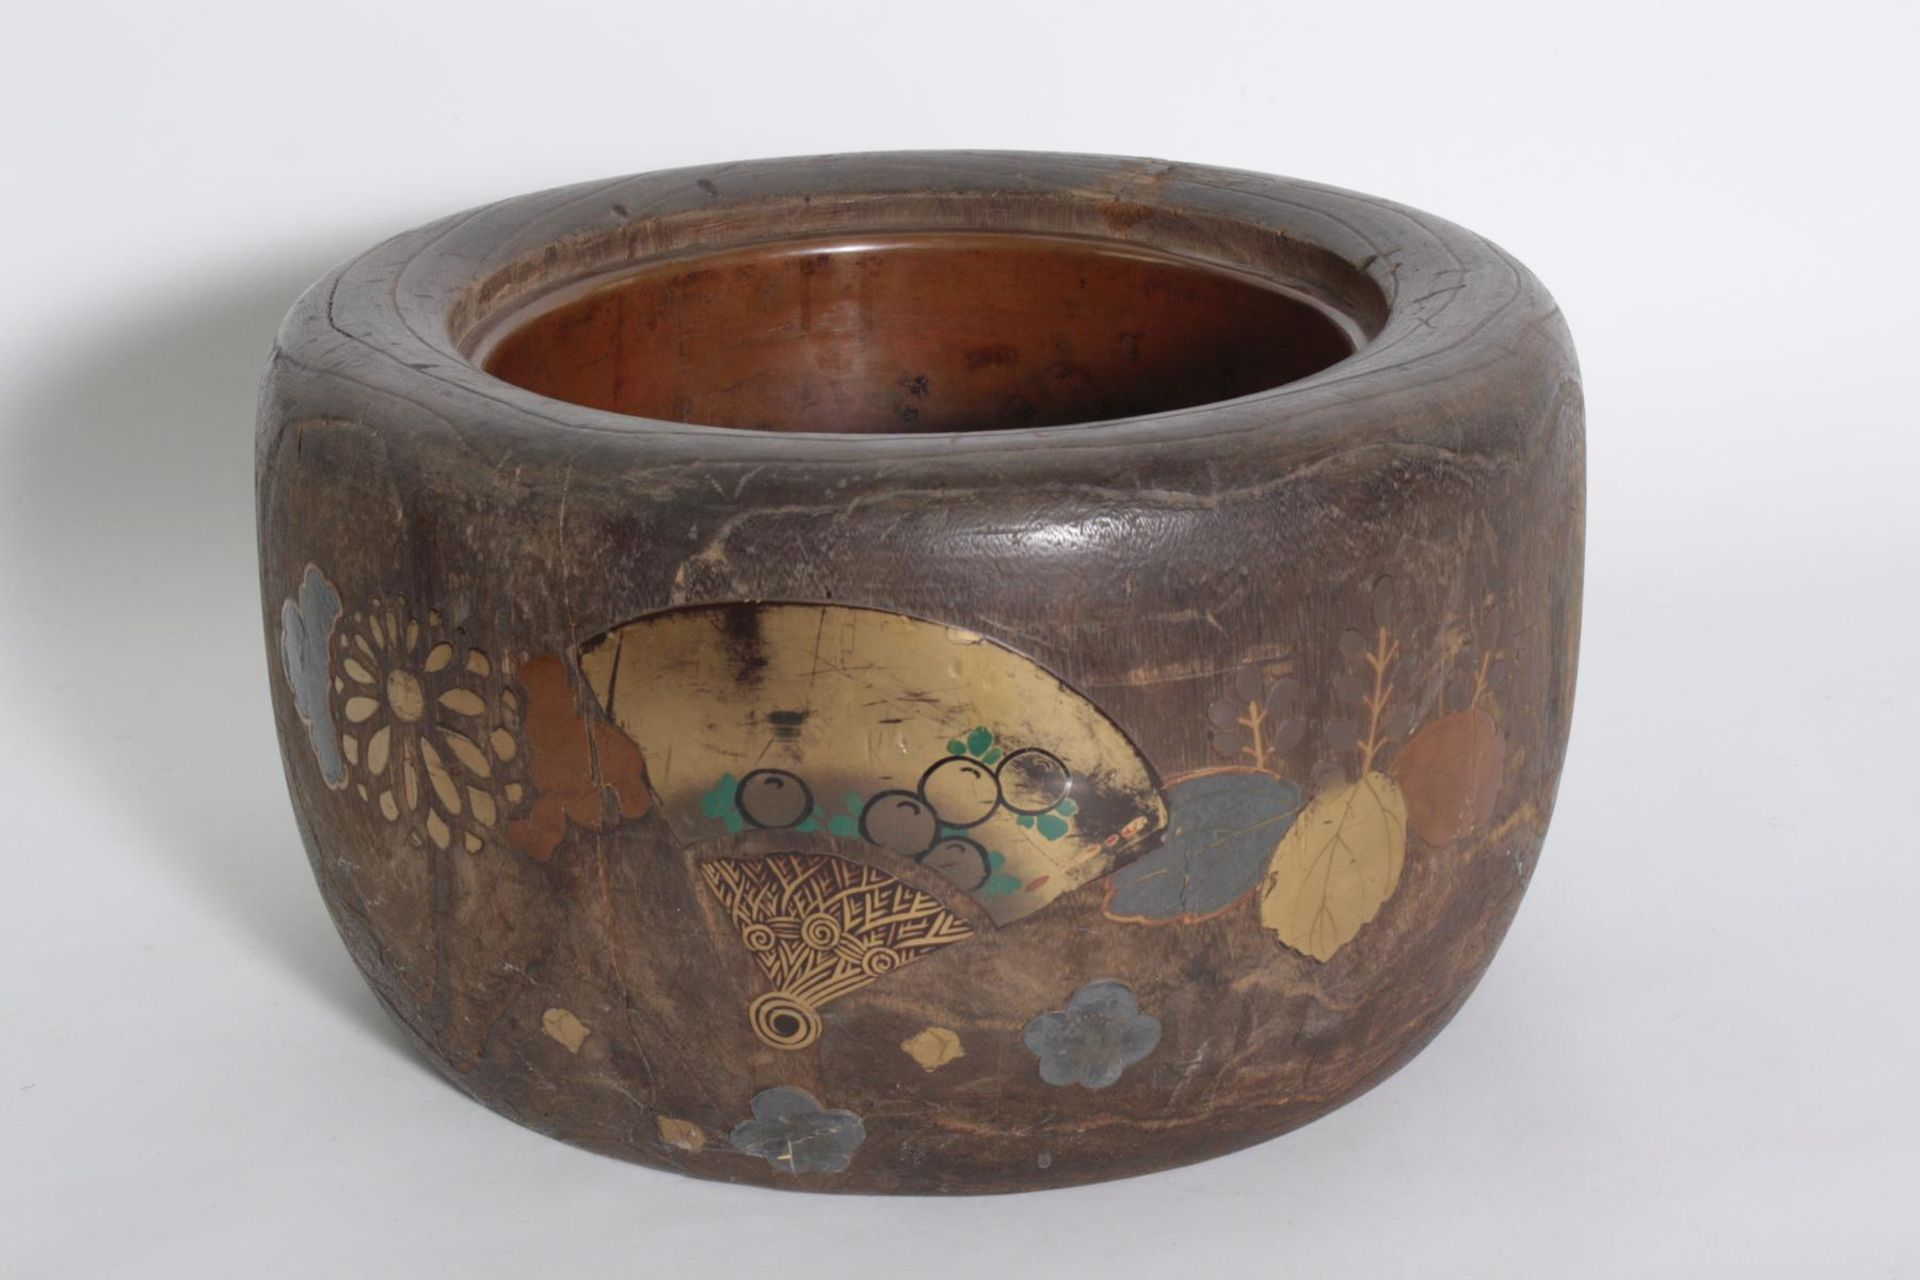 Cachepot Japan 20. Jahrhundert - Bild 3 aus 4